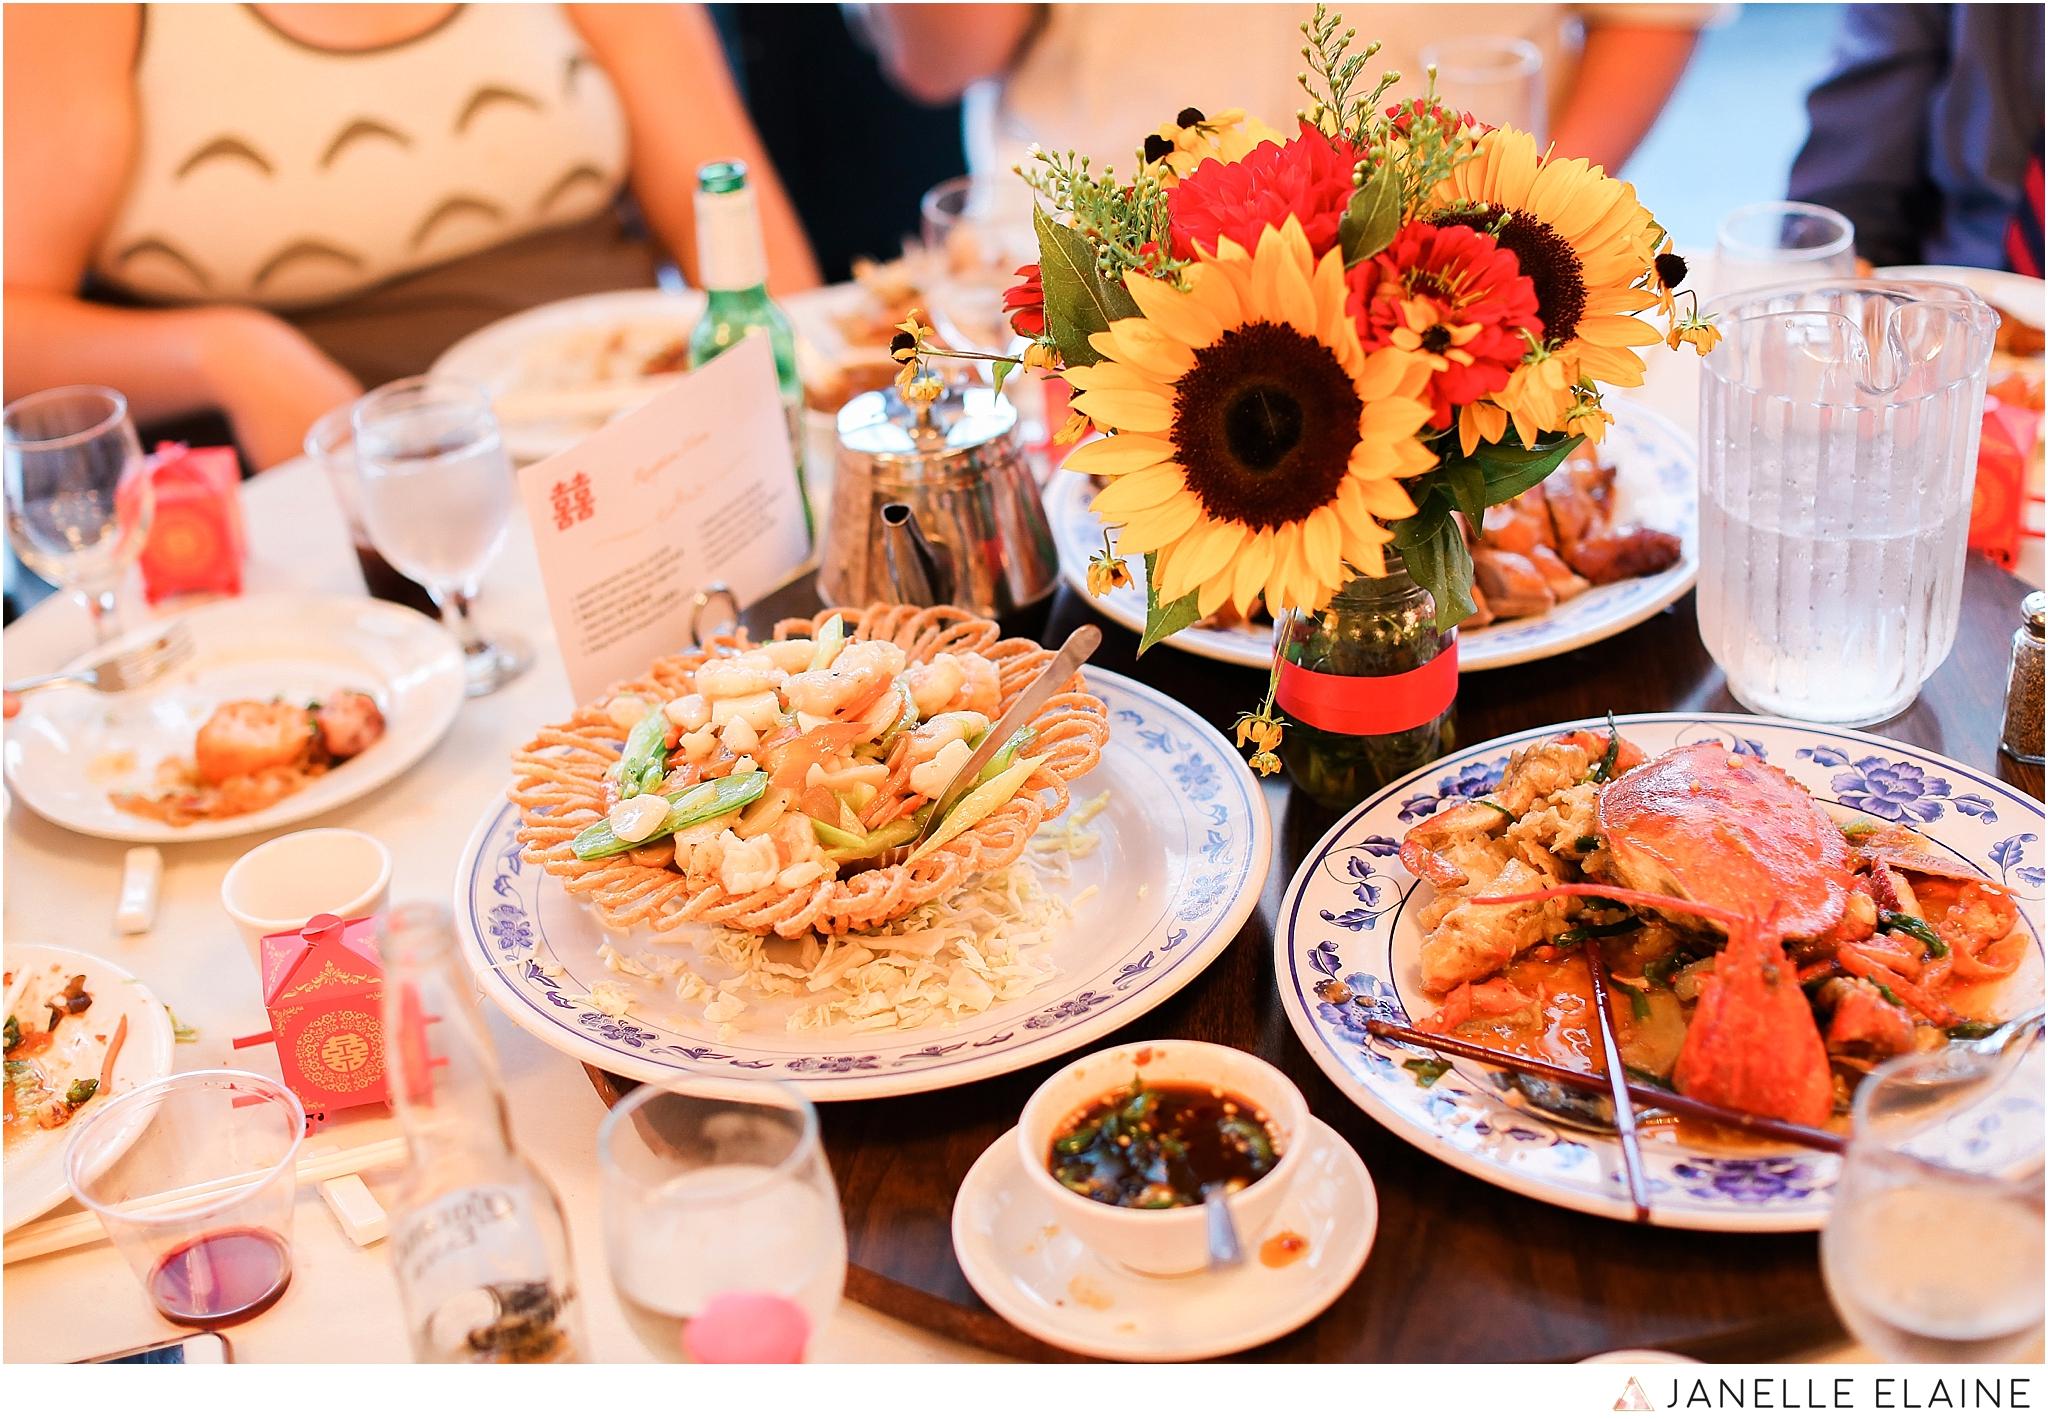 janelle elaine photography-professional wedding photographer seattle--165.jpg